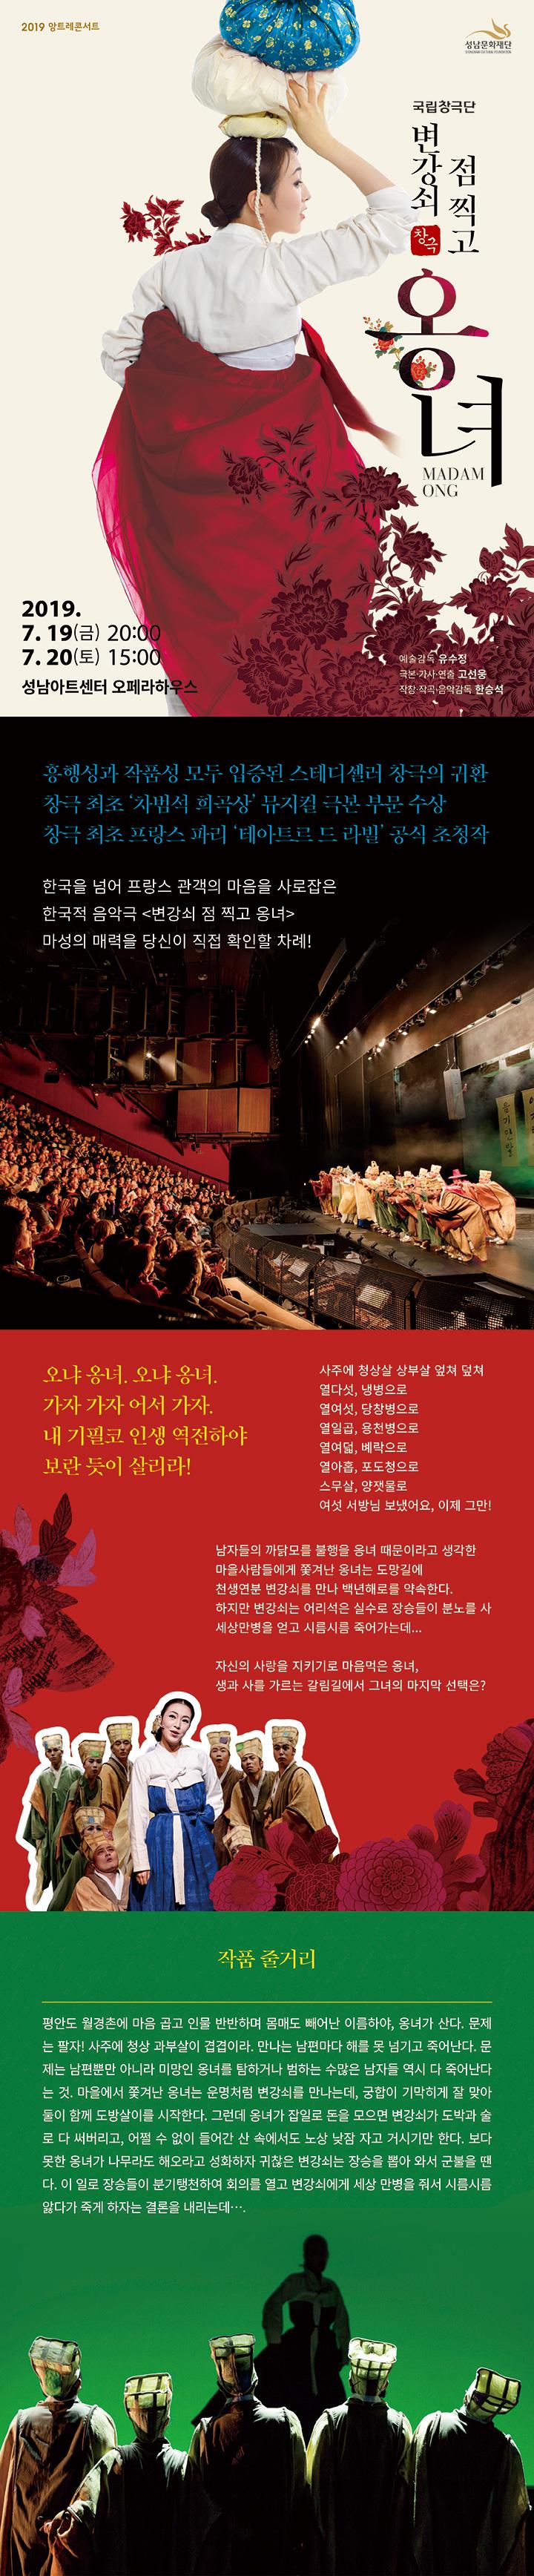 국립창극단 변강쇠 점 찍고 옹녀 2019.7.19 금 20:00, 7.20(토) 15:00 성남아트센터 오페라하우스